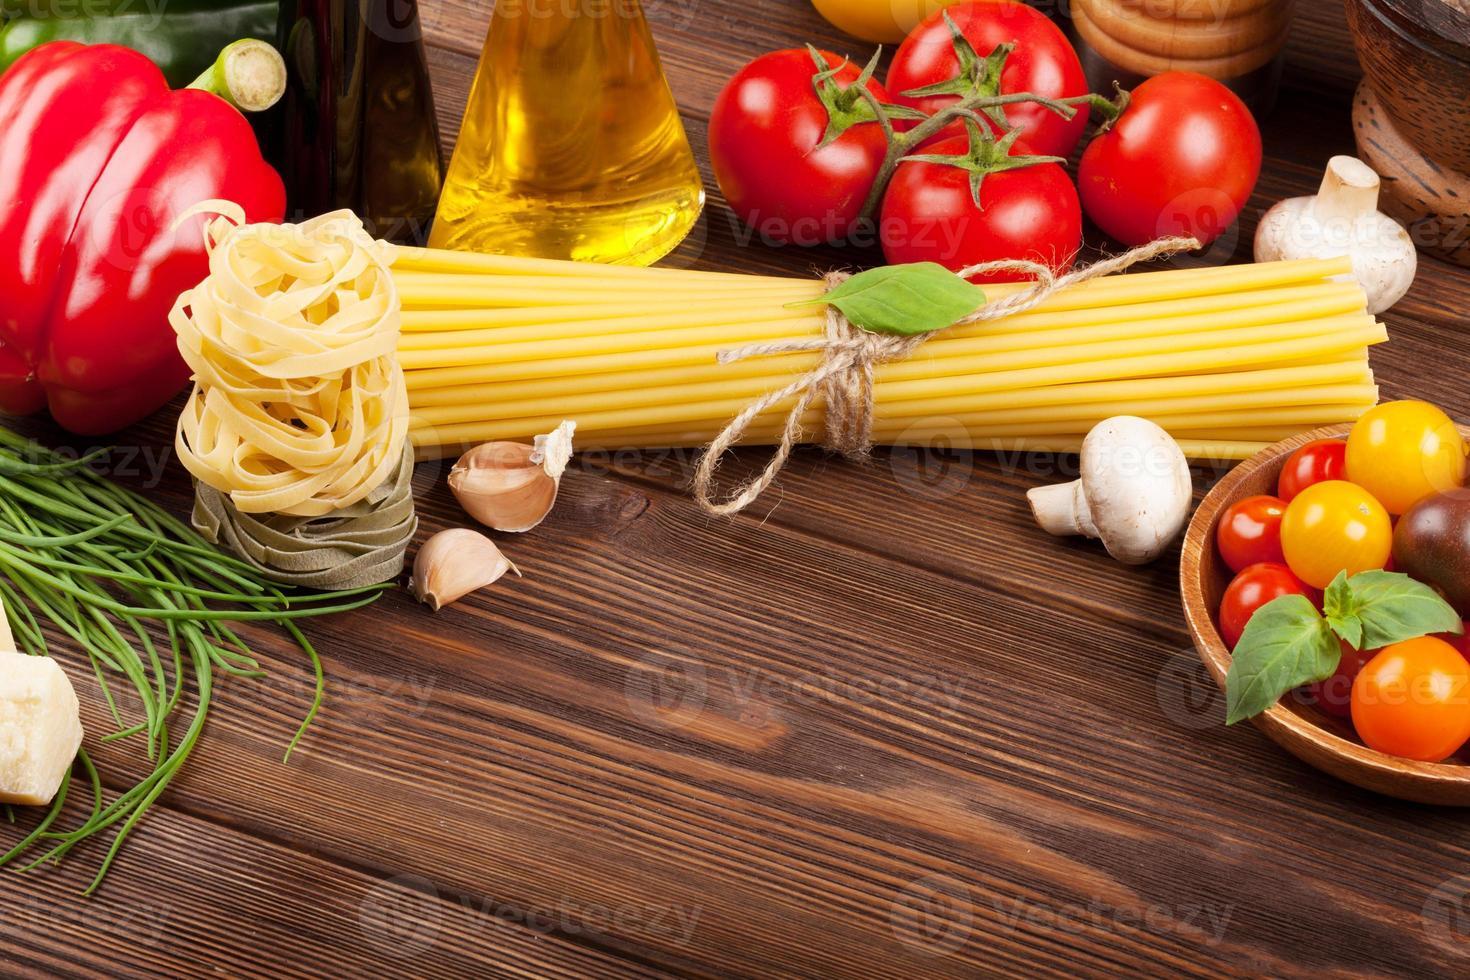 comida italiana ingredientes de cozinha. macarrão, tomate, manjericão foto